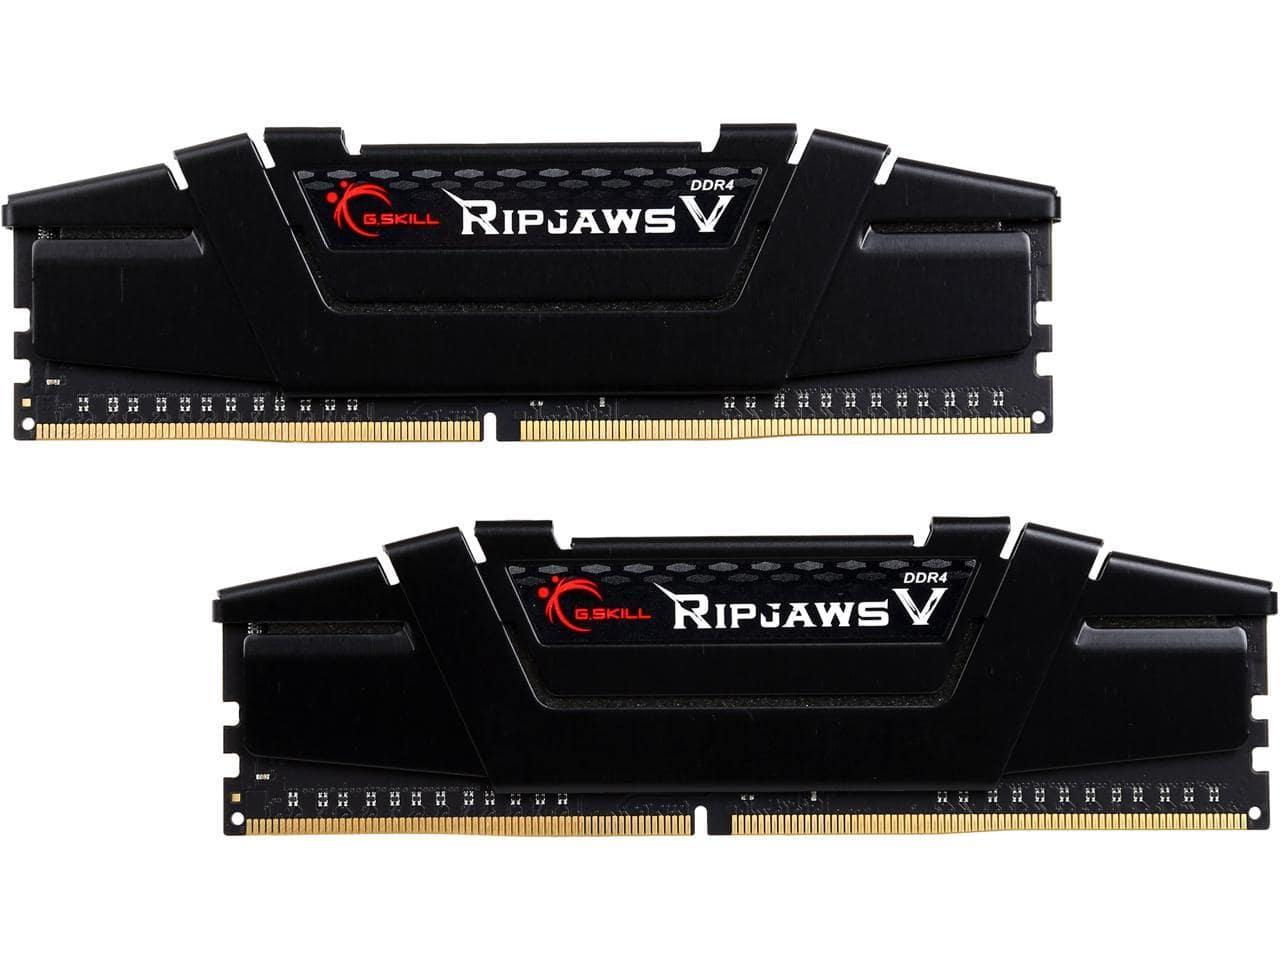 G.Skill Ripjaws V Series DDR4 3200 Desktop RAM: 32GB (2x16GB) $198, 16GB (2x8GB)